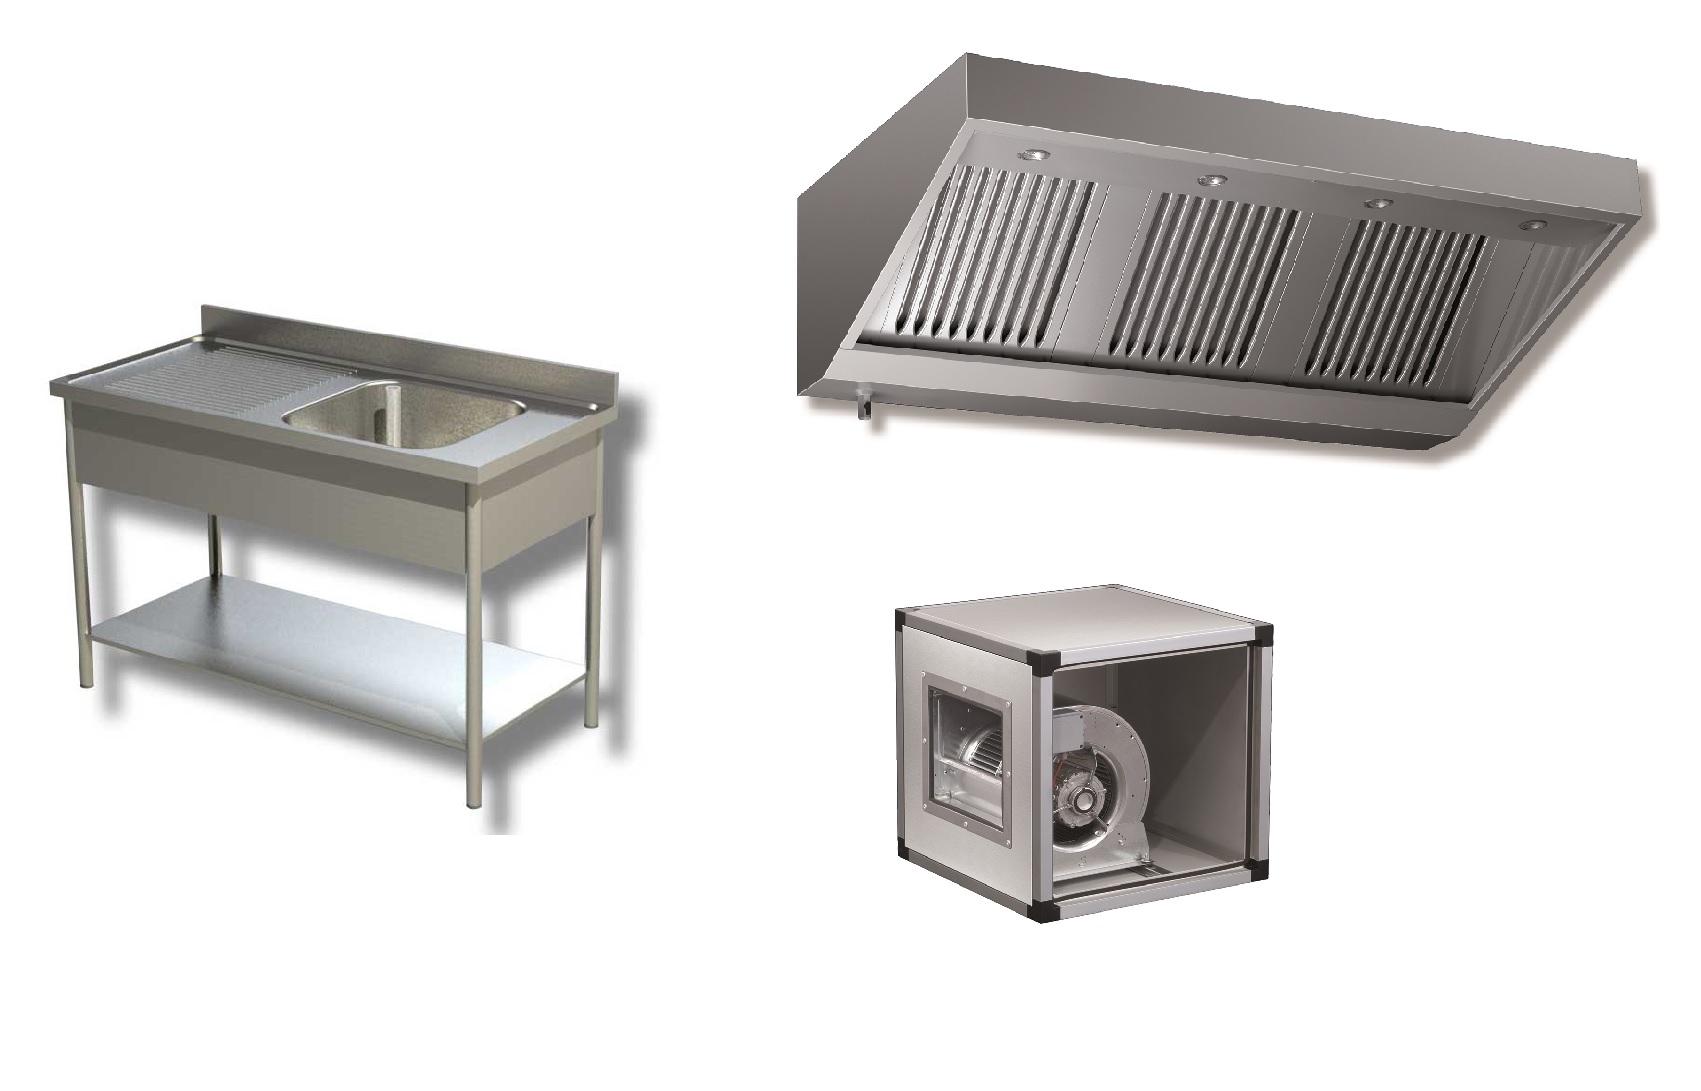 Neutres et VentilationHottes, caissons, tables, plonges etc. -